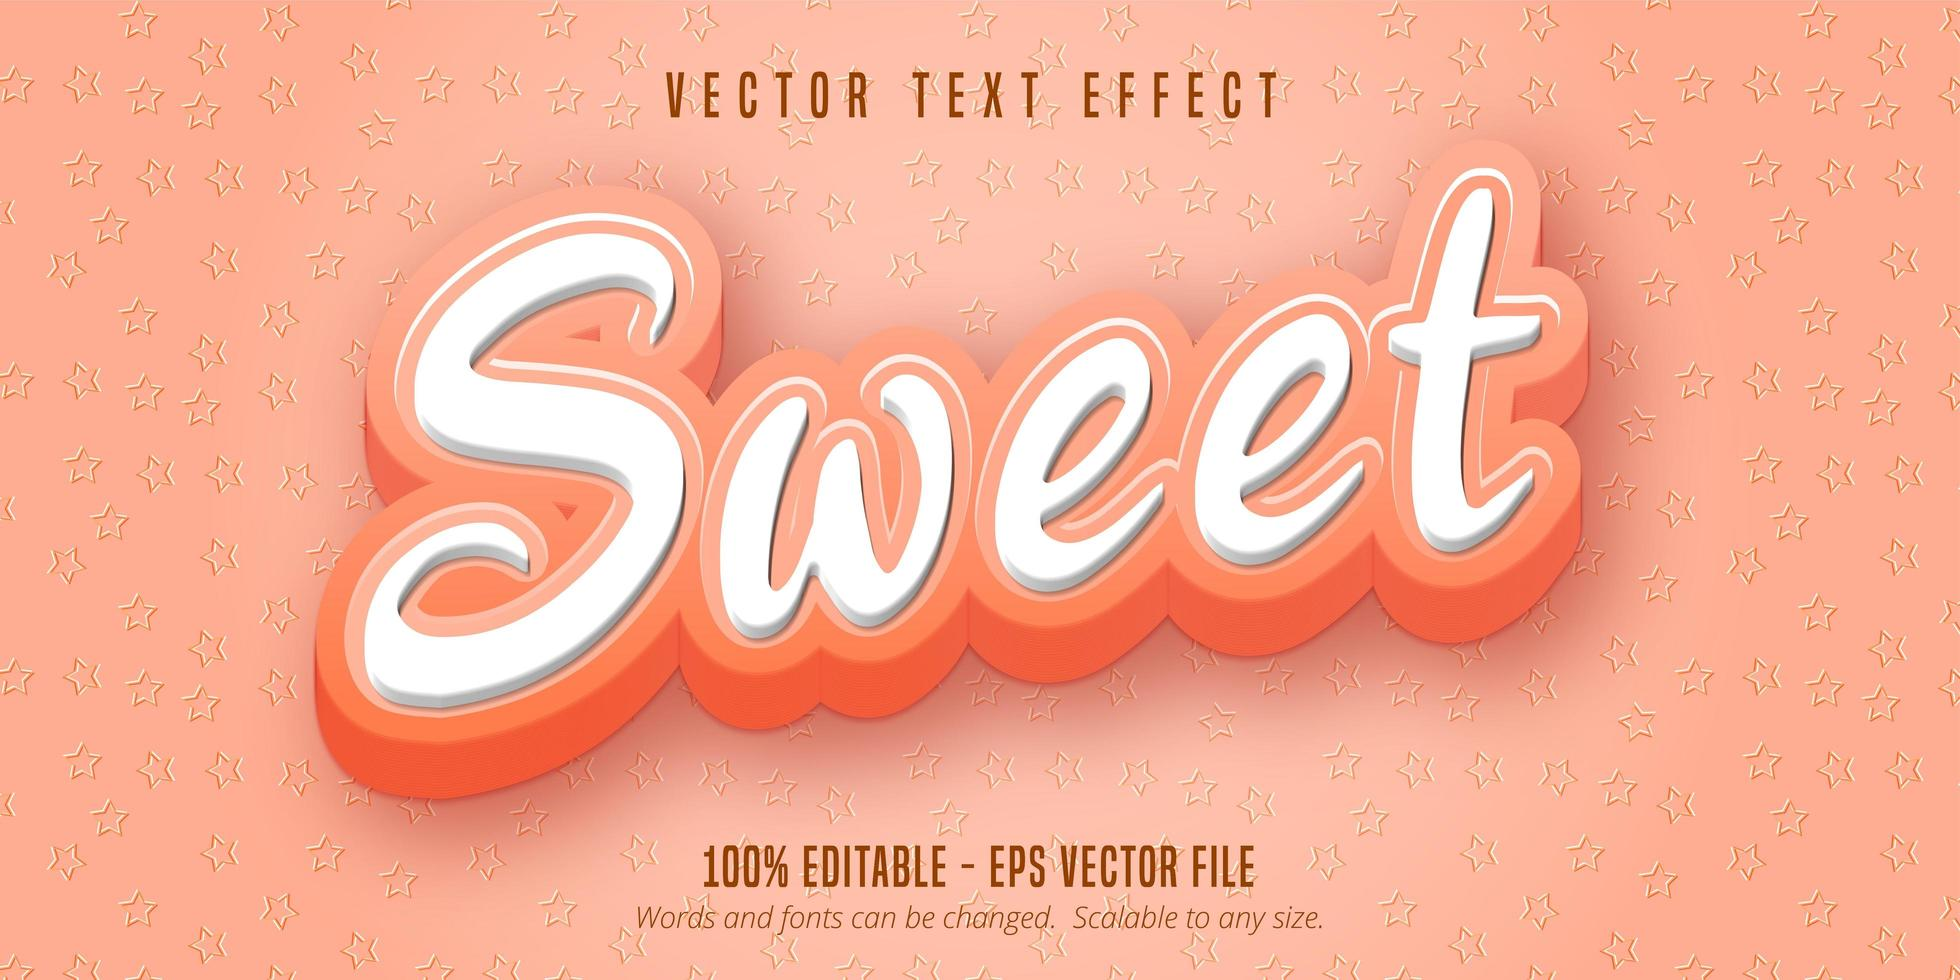 süßer rosa Text, Karikaturart-Texteffekt vektor